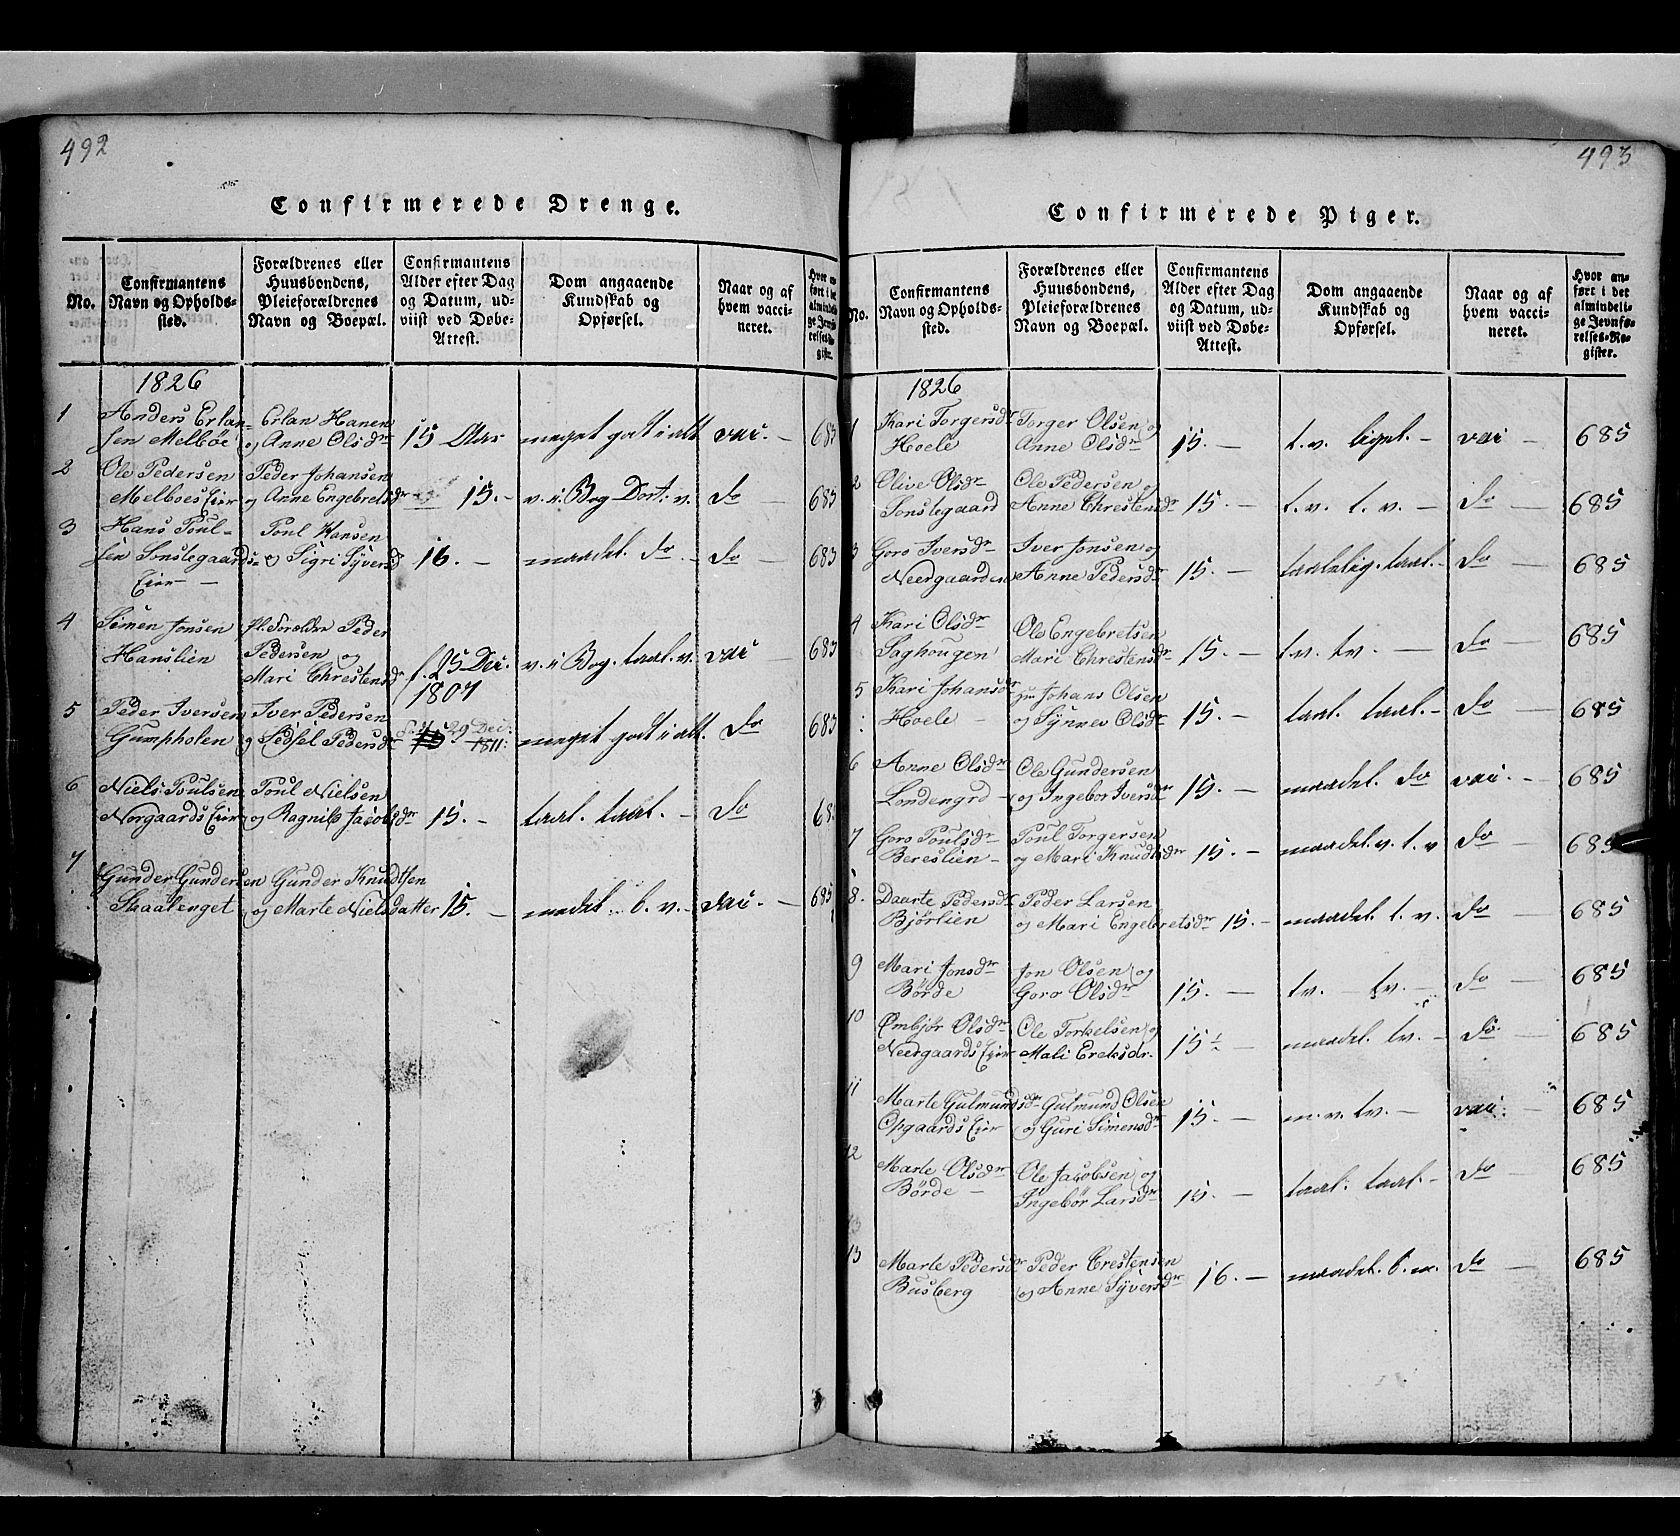 SAH, Gausdal prestekontor, Klokkerbok nr. 2, 1818-1874, s. 492-493